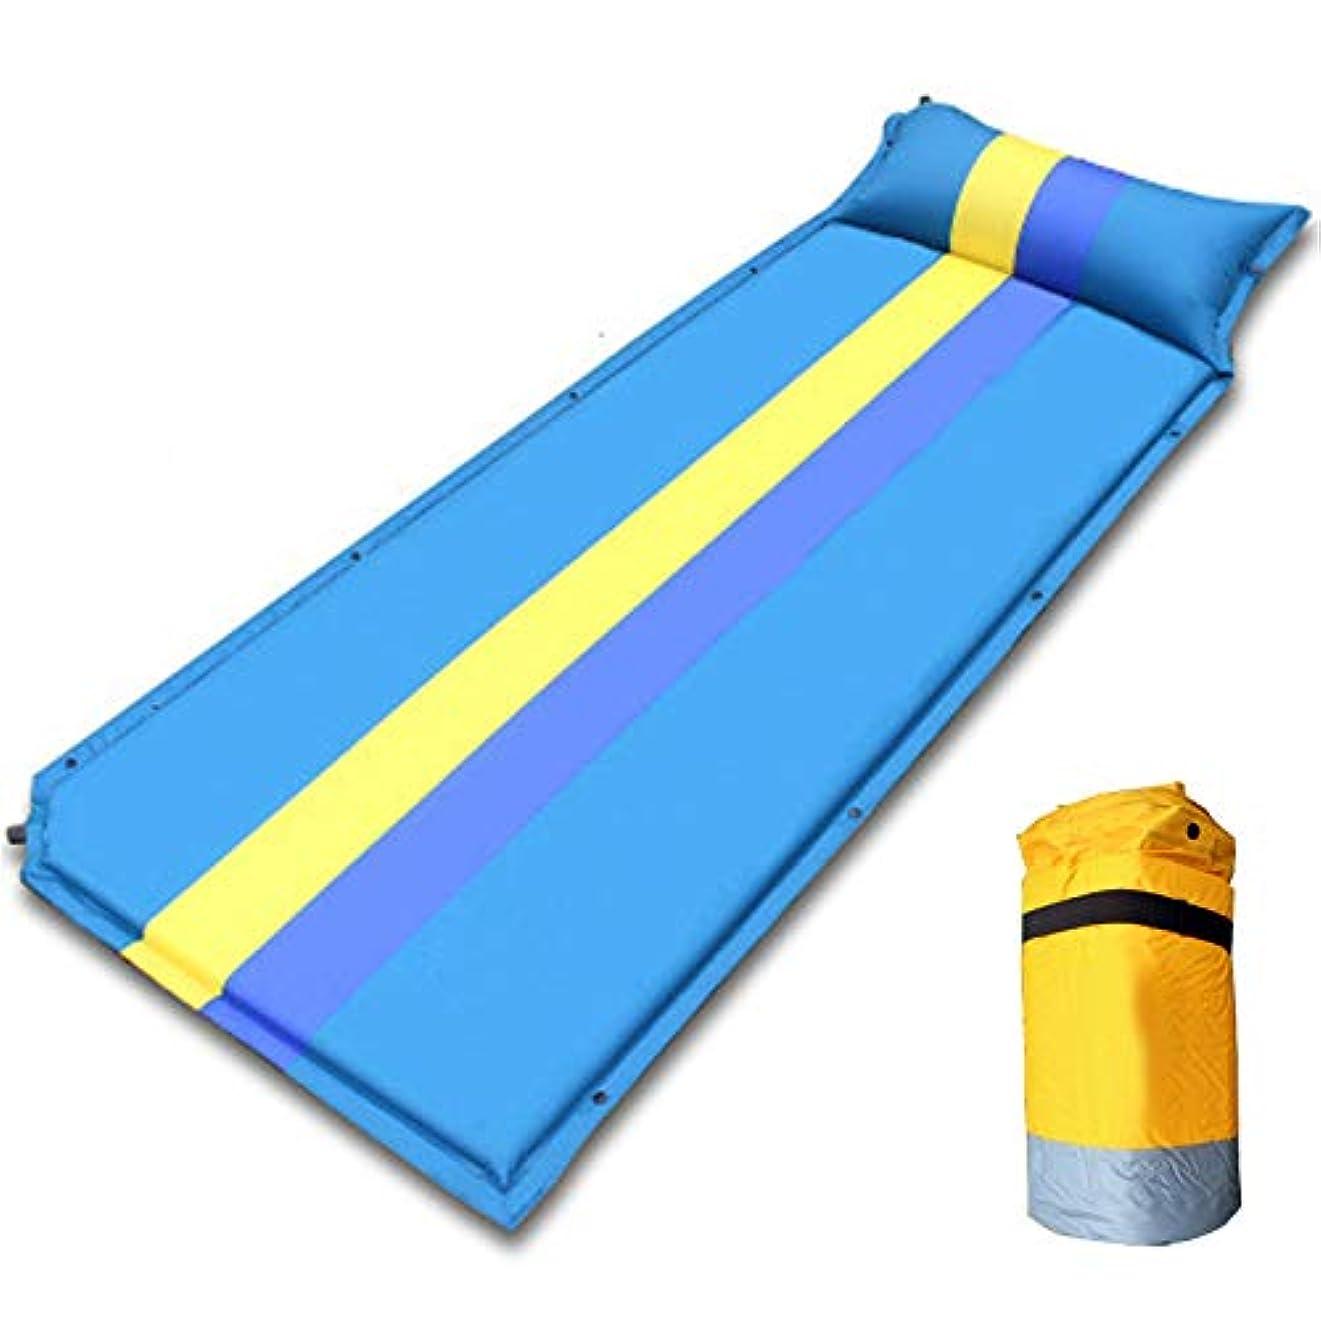 噴水形式悪意のあるシングル自己膨張マットレスコンフォートフォームキャンプマット付き枕軽量キャンプ用エアマットレスハイキングバックパック屋内パーティー